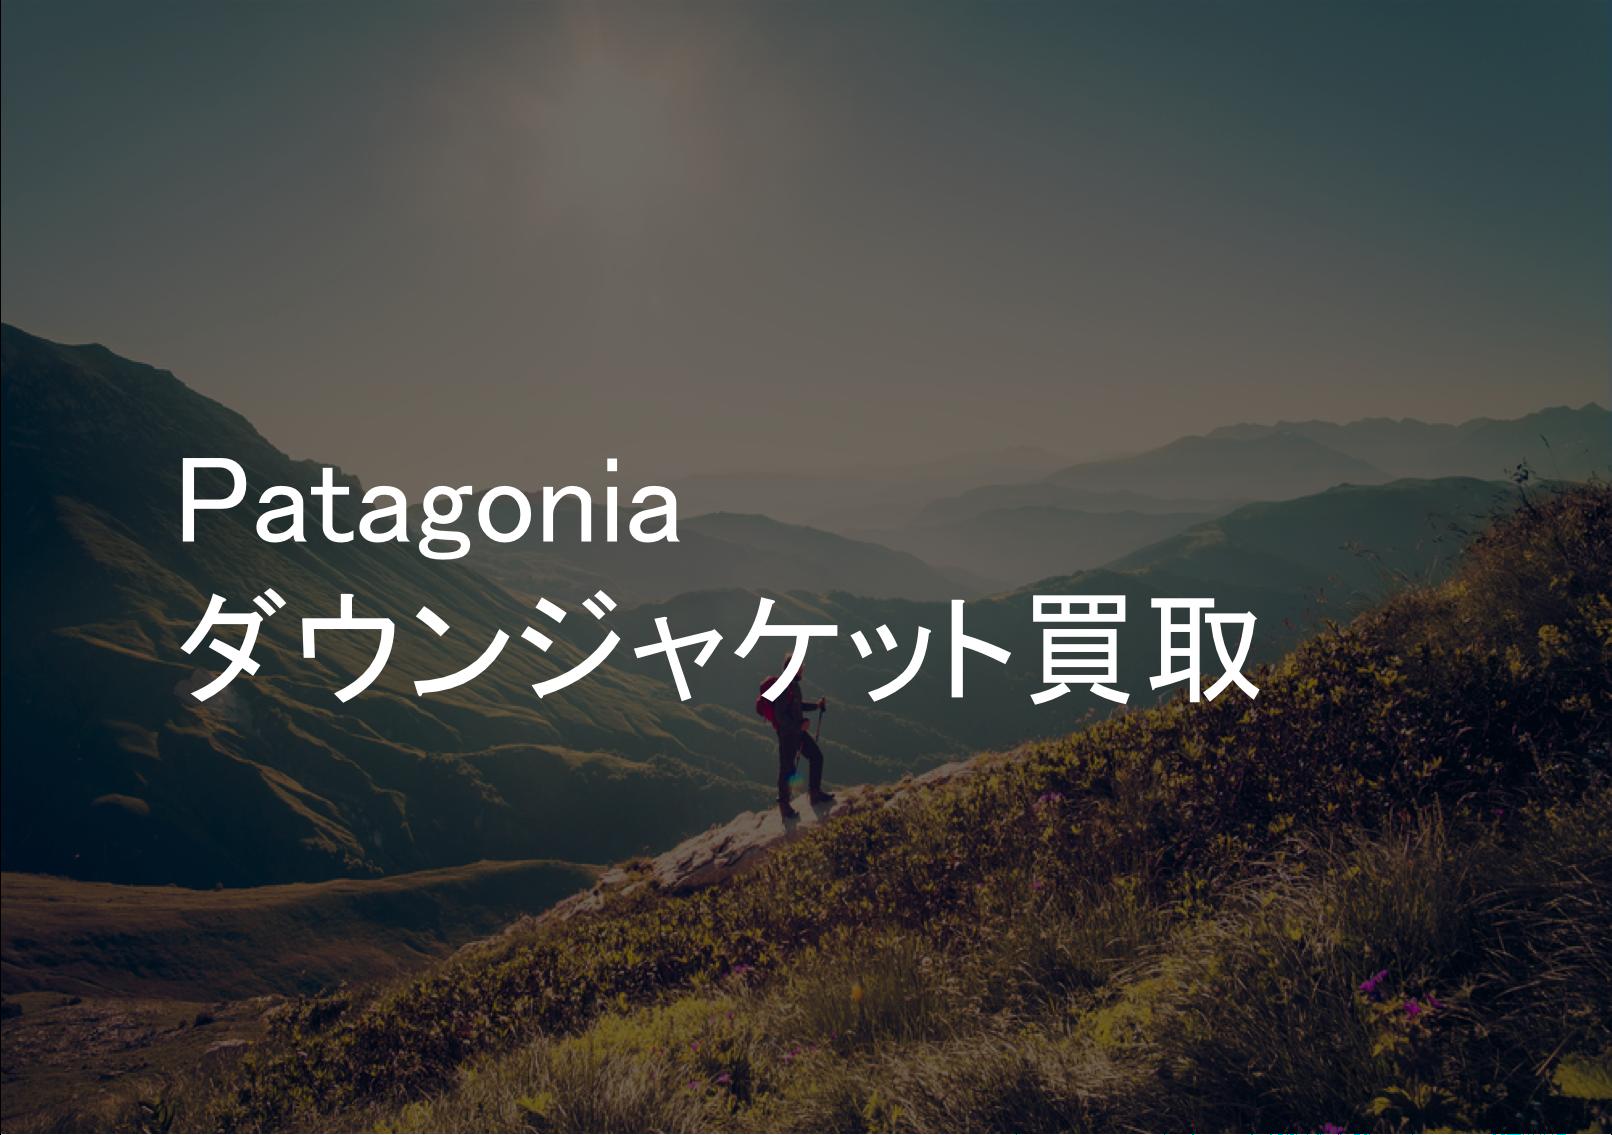 Patagonia(パタゴニア)ダウンジャケット買取なら